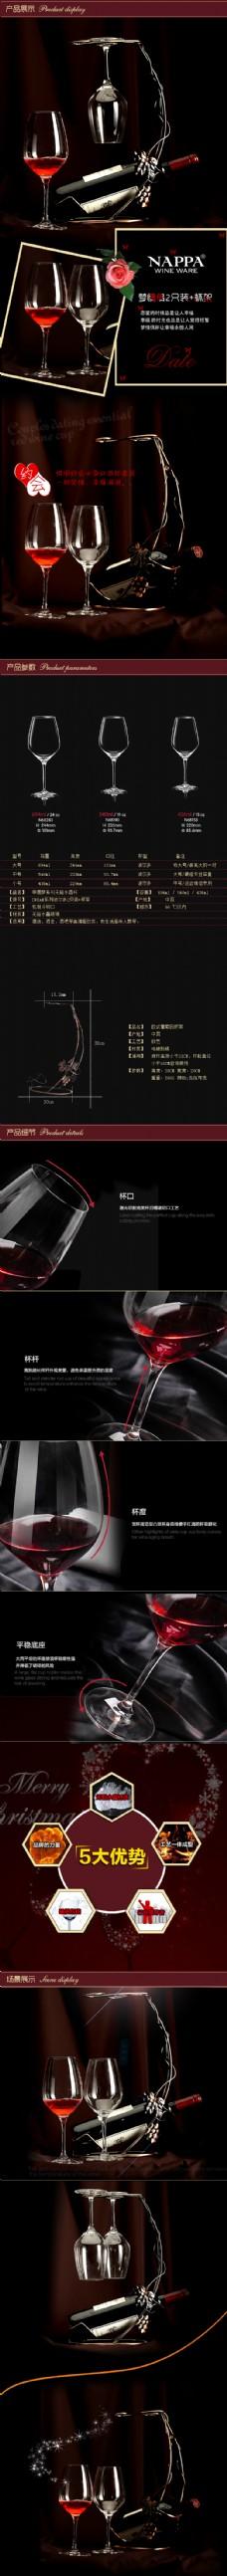 红酒杯详情页红酒杯套装红酒杯活动页PS分